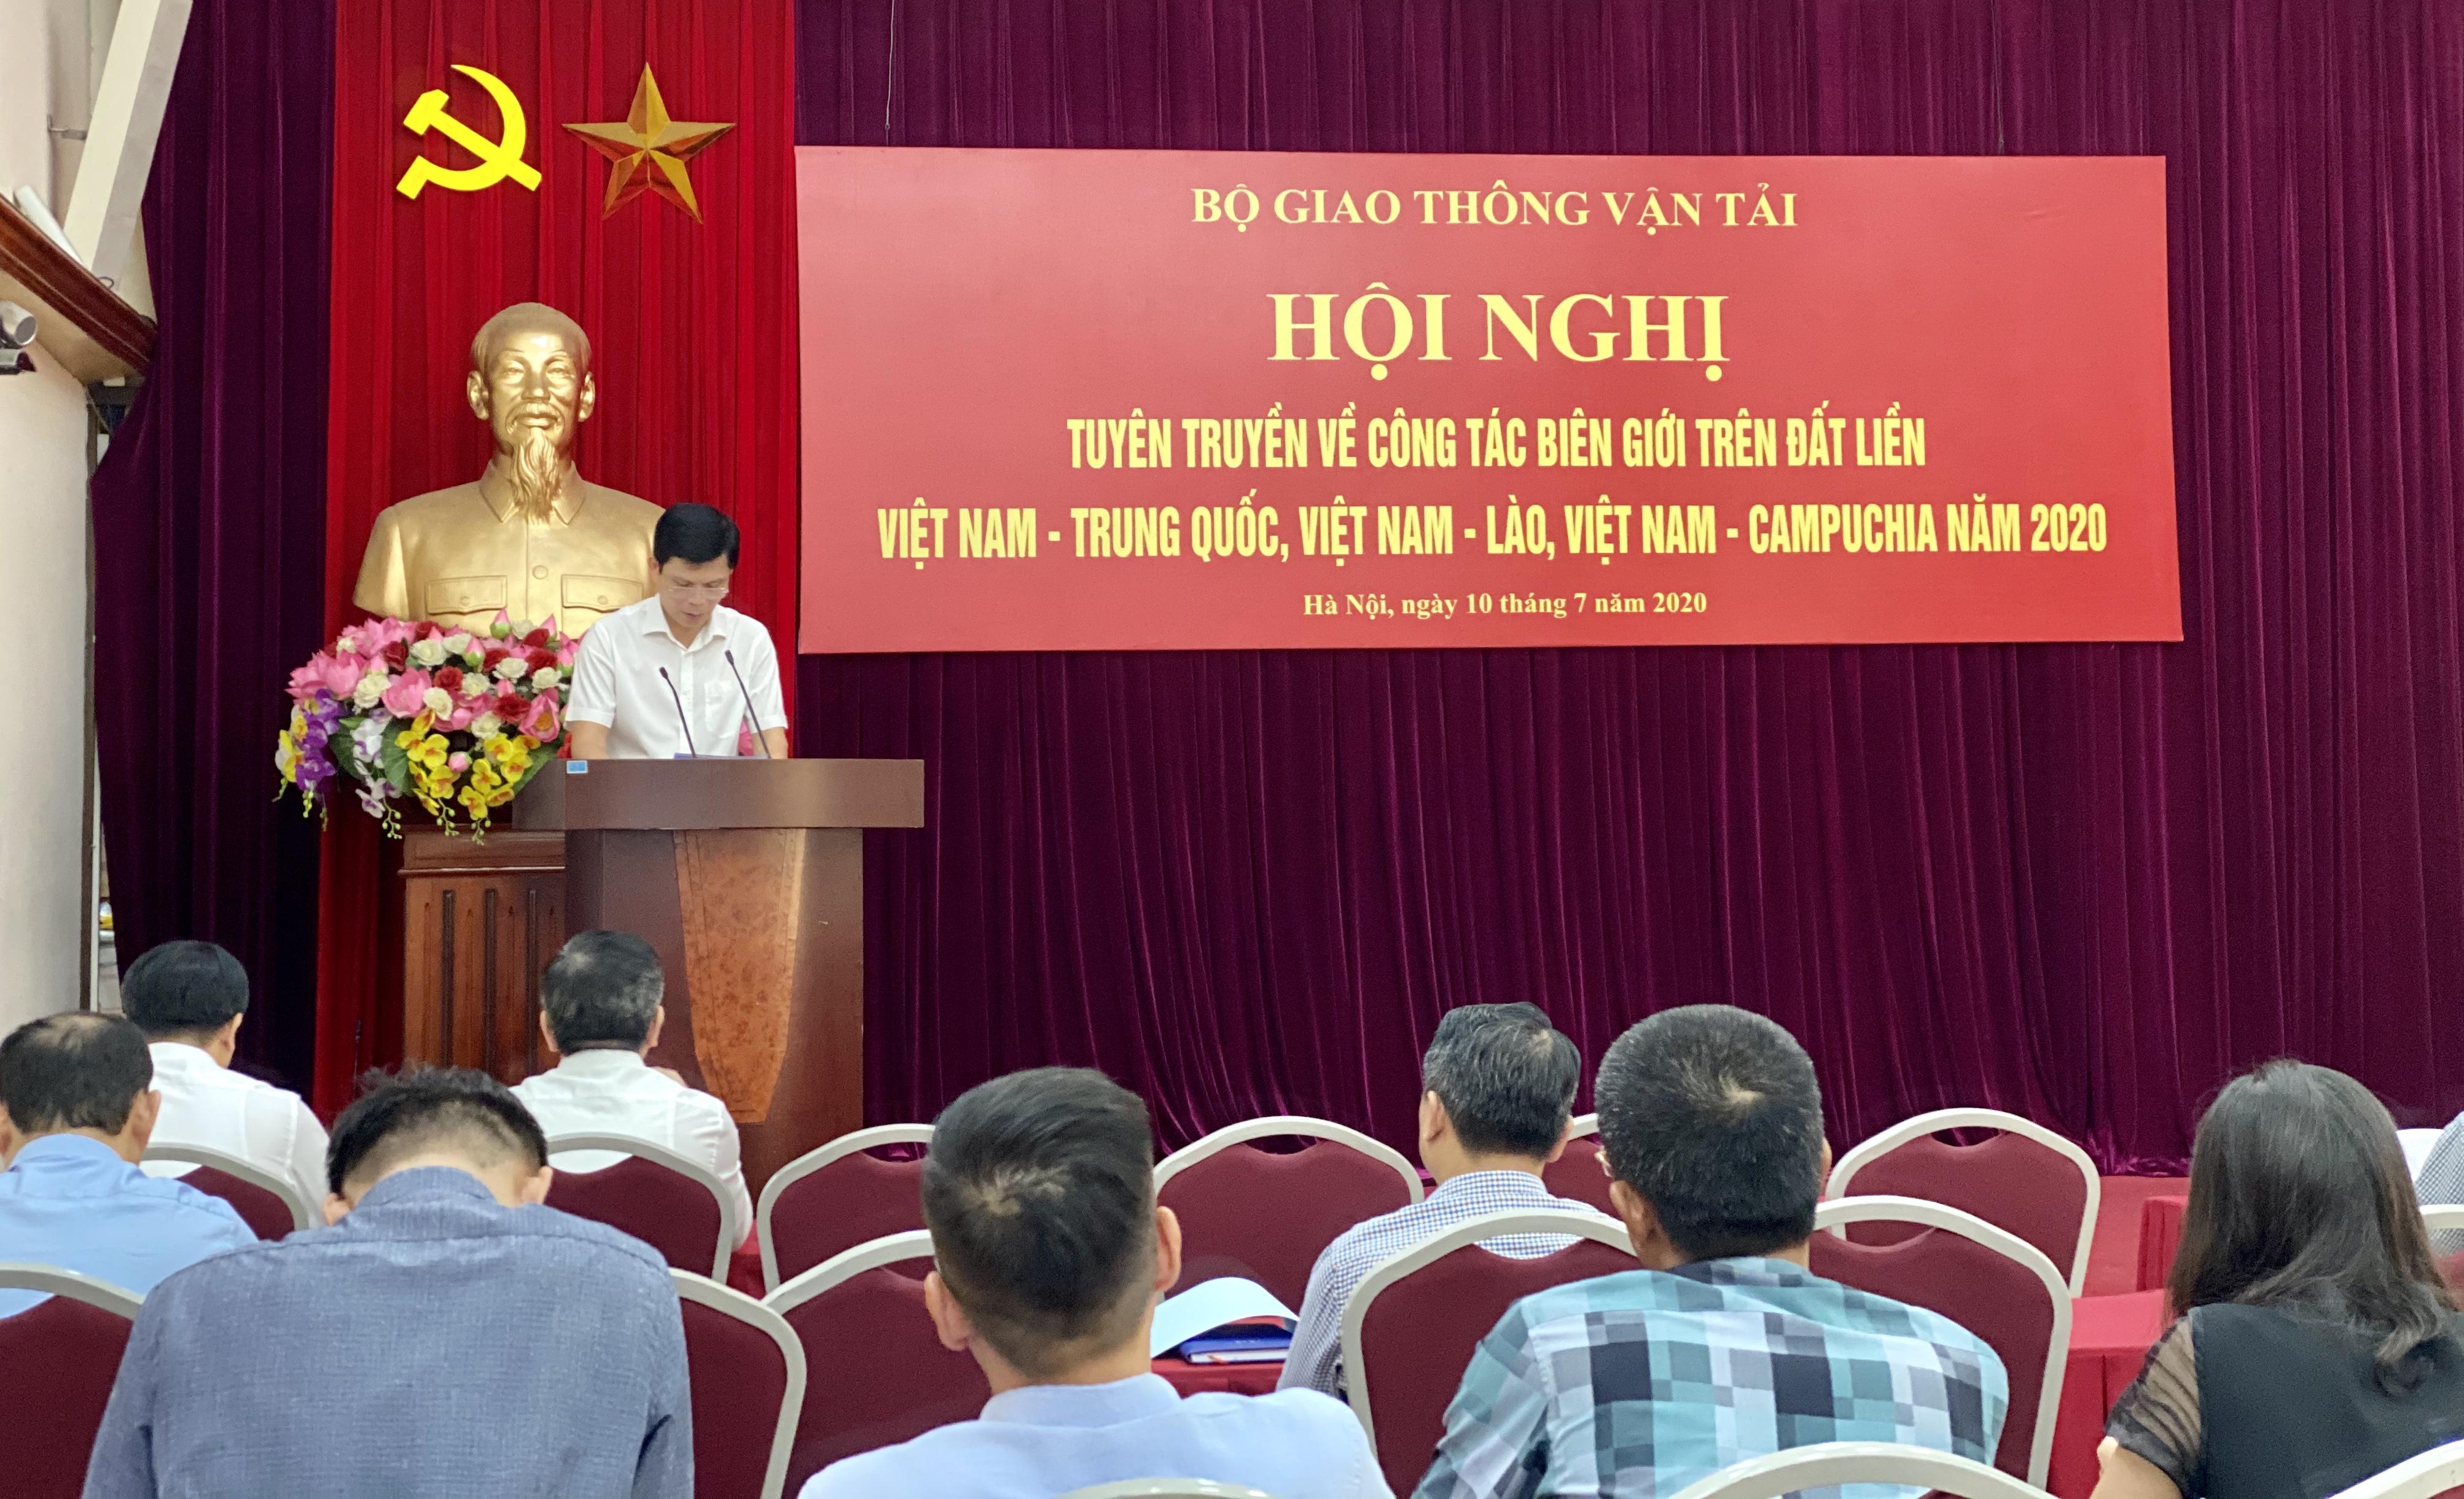 Bộ GTVT tổ chức Hội nghị tuyên truyền về công tác biên giới trên đất liền